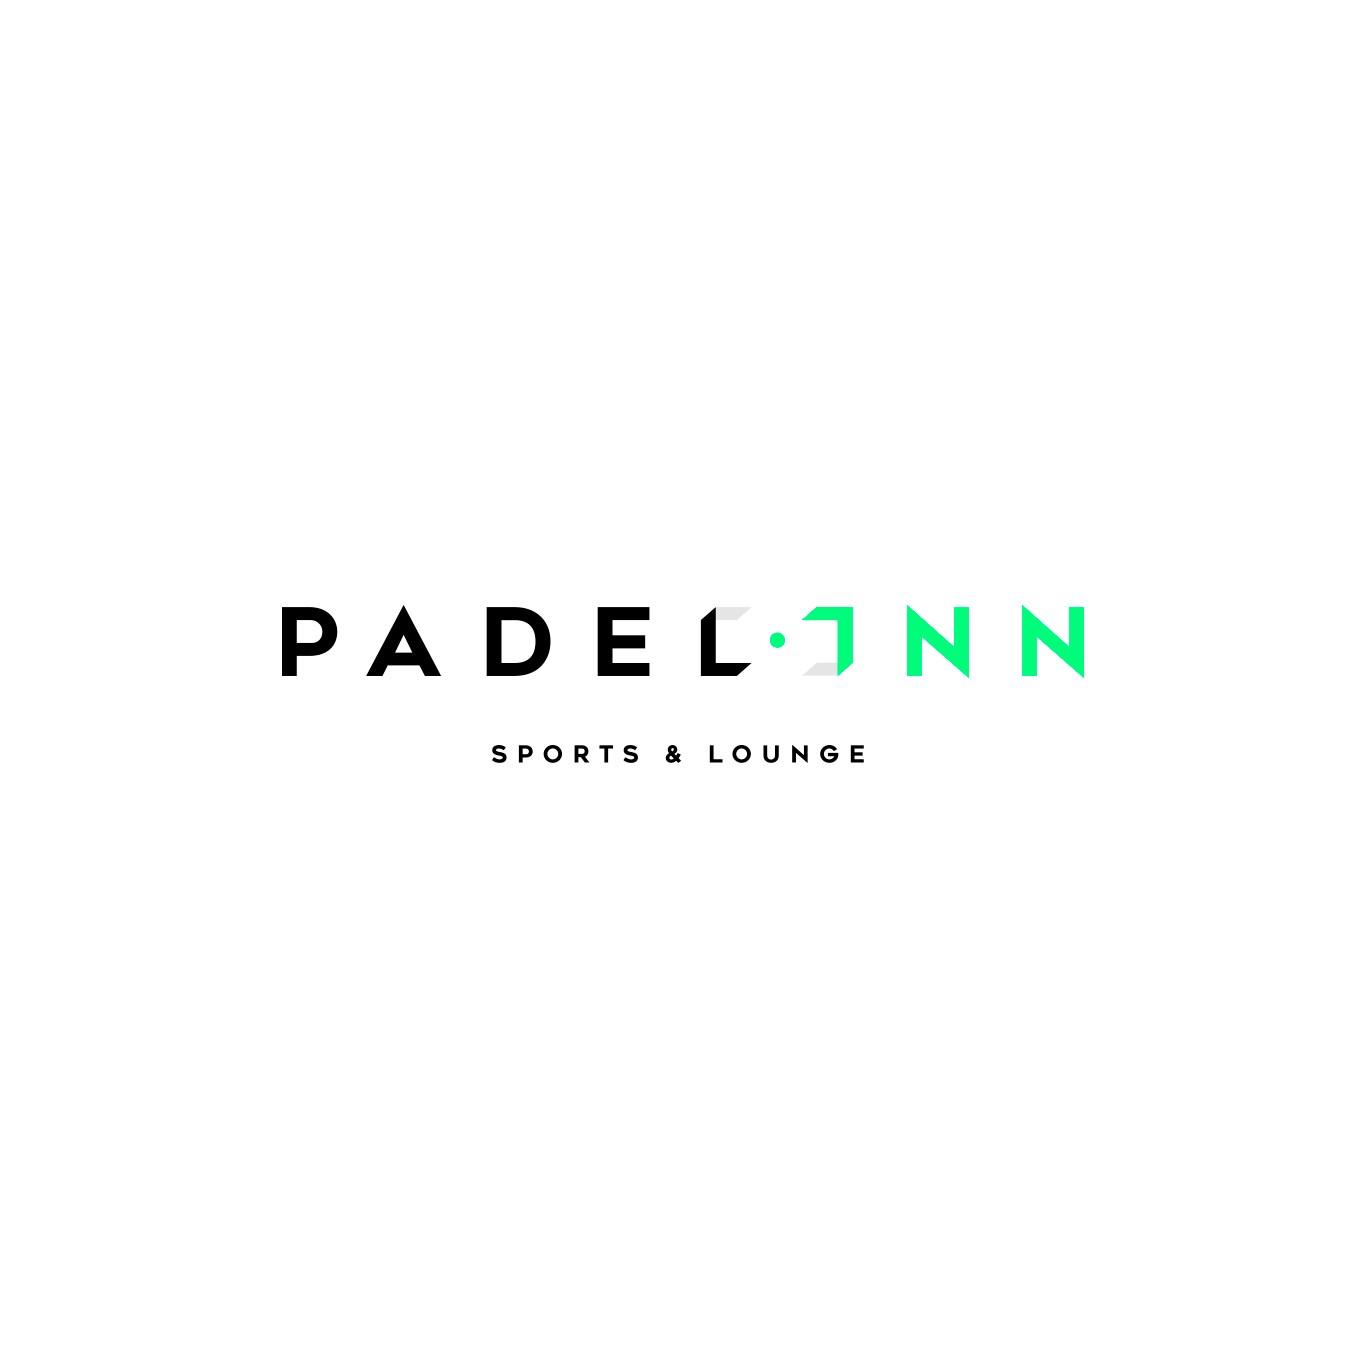 https://statusviagens.com/wp-content/uploads/2020/09/parceiros_padel-inn.jpg